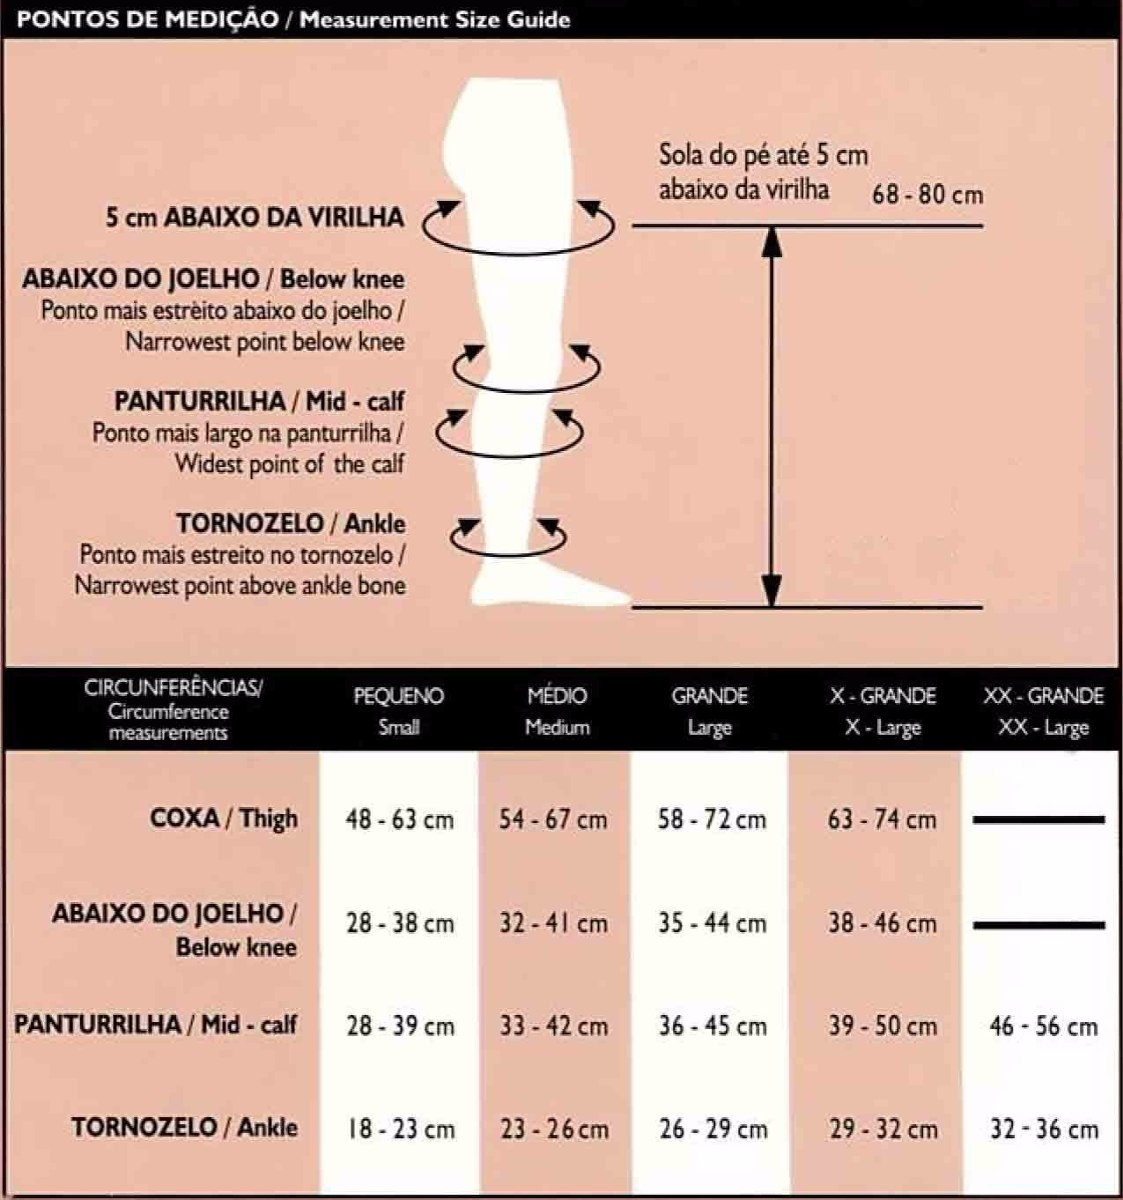 Resultado de imagem para tabela medida venosan